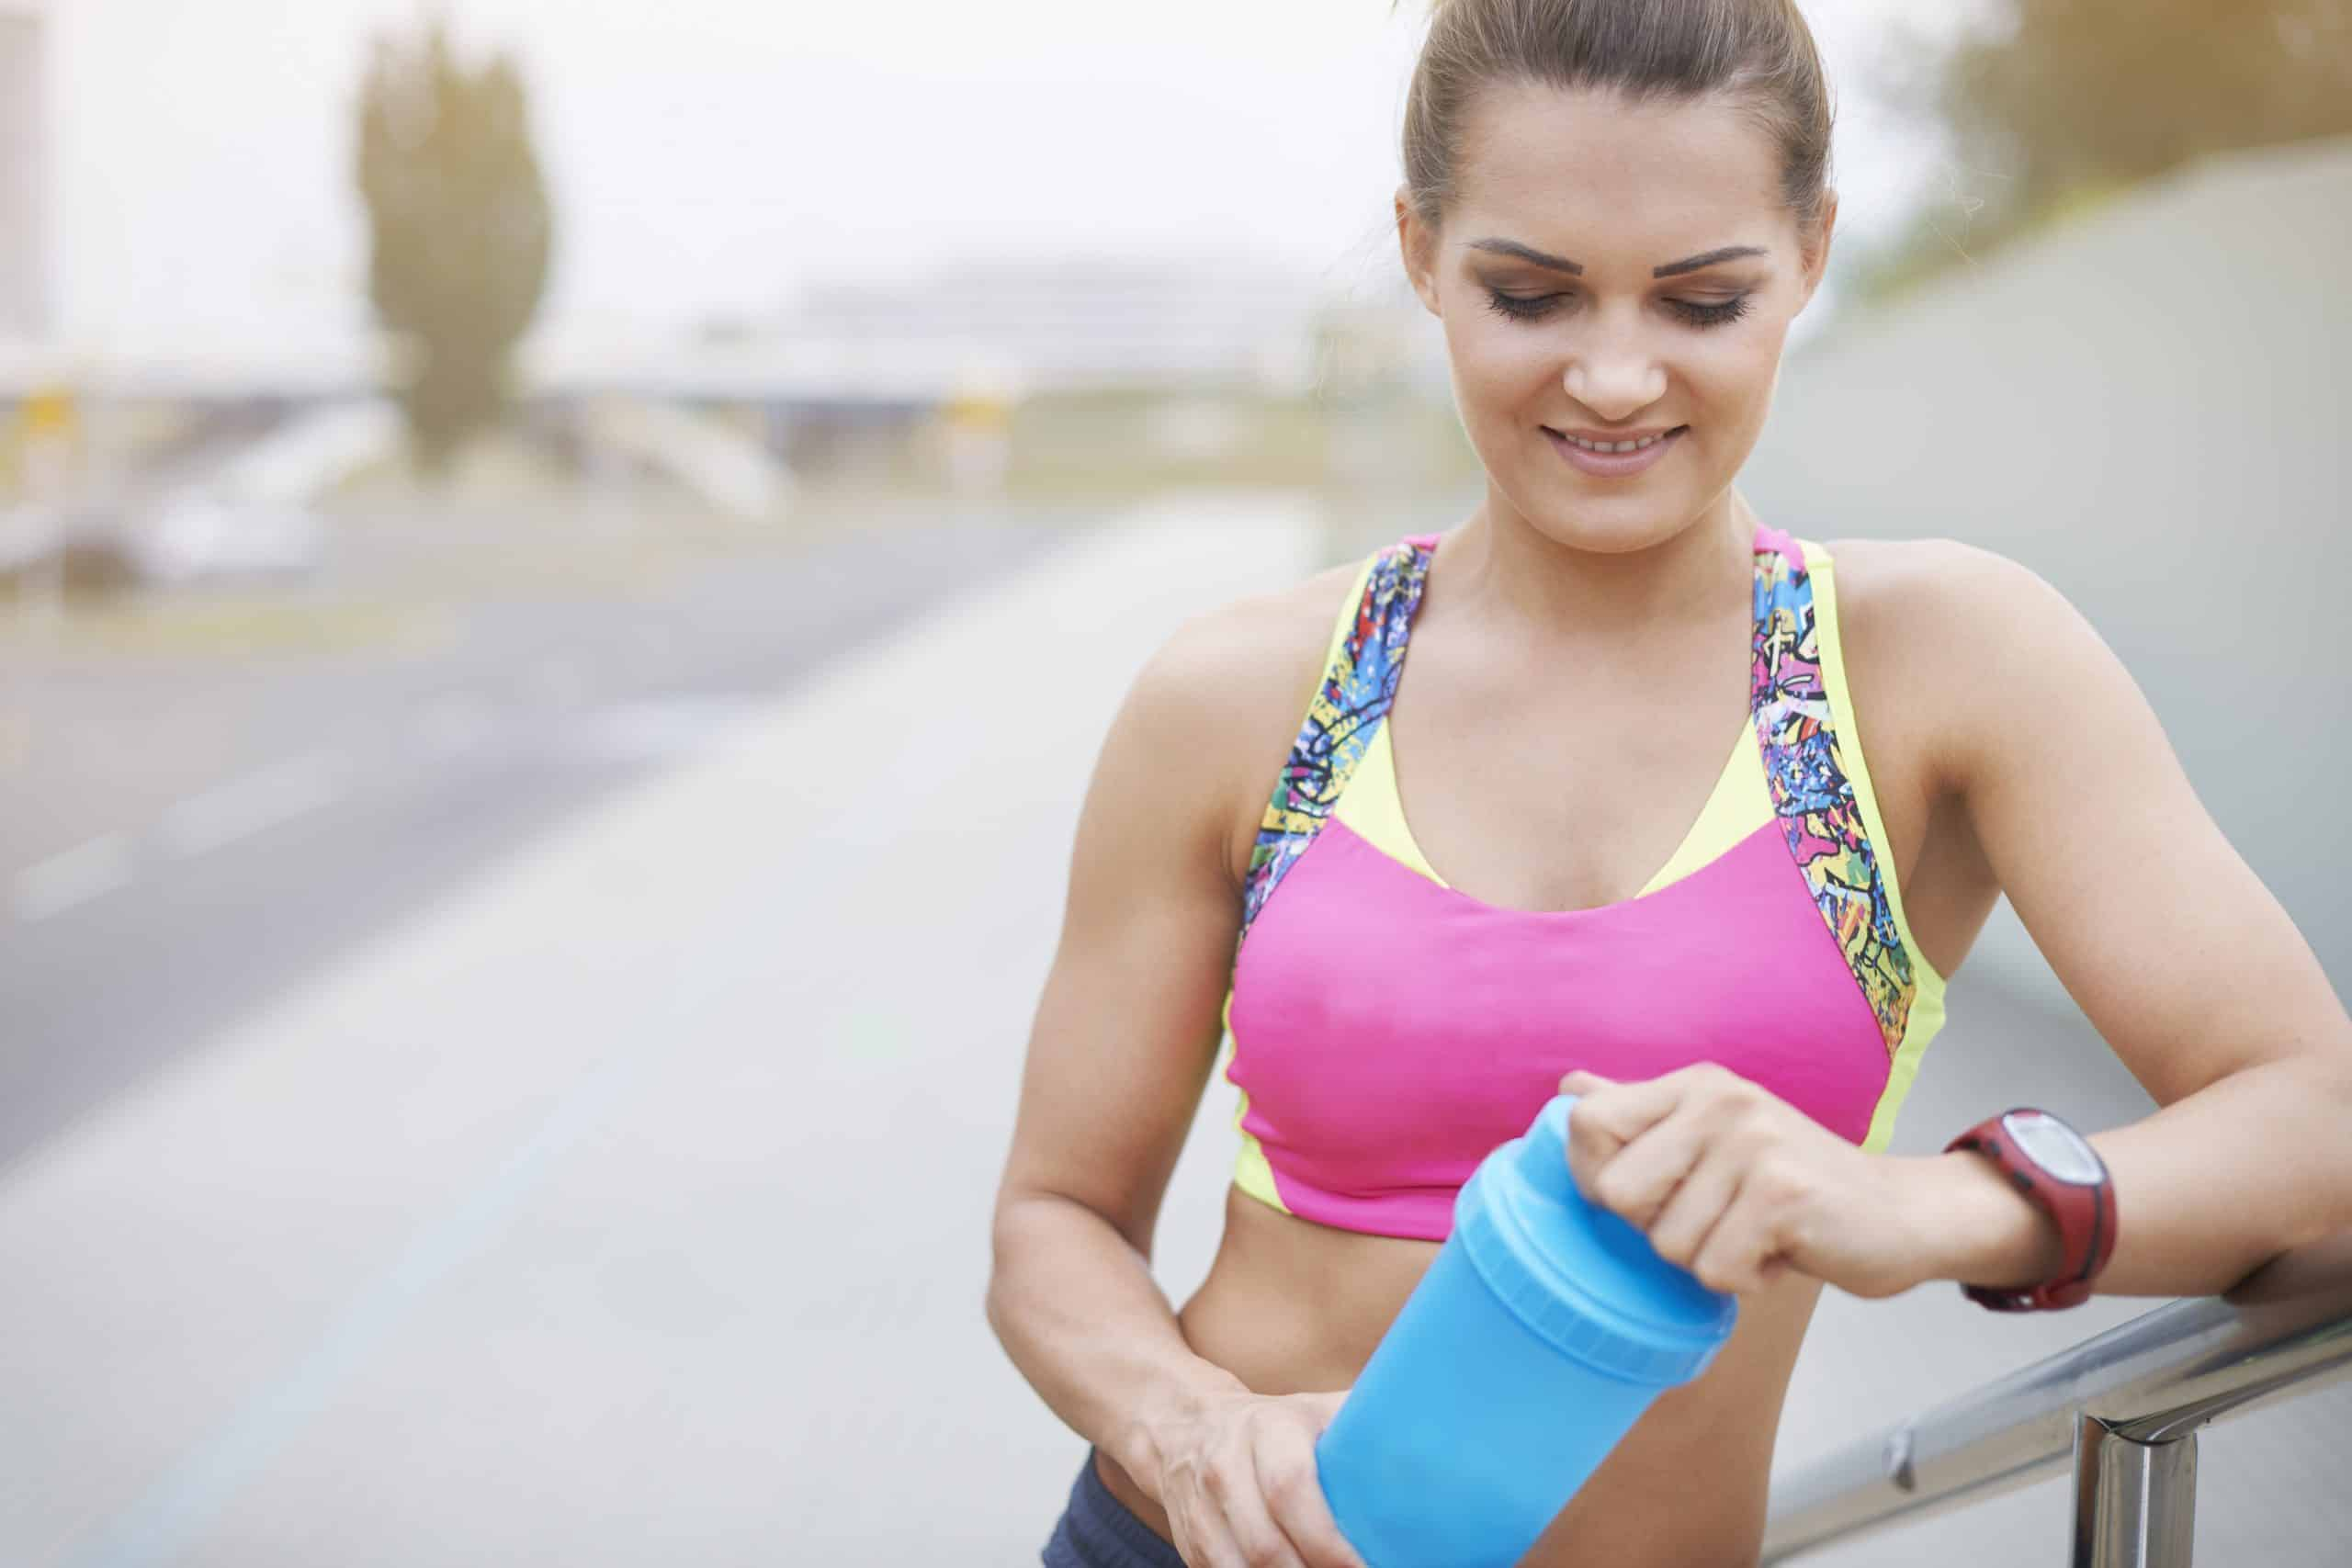 Trenuj mocniej, biegaj szybciej! Jakie suplementy powinni przyjmować biegacze?